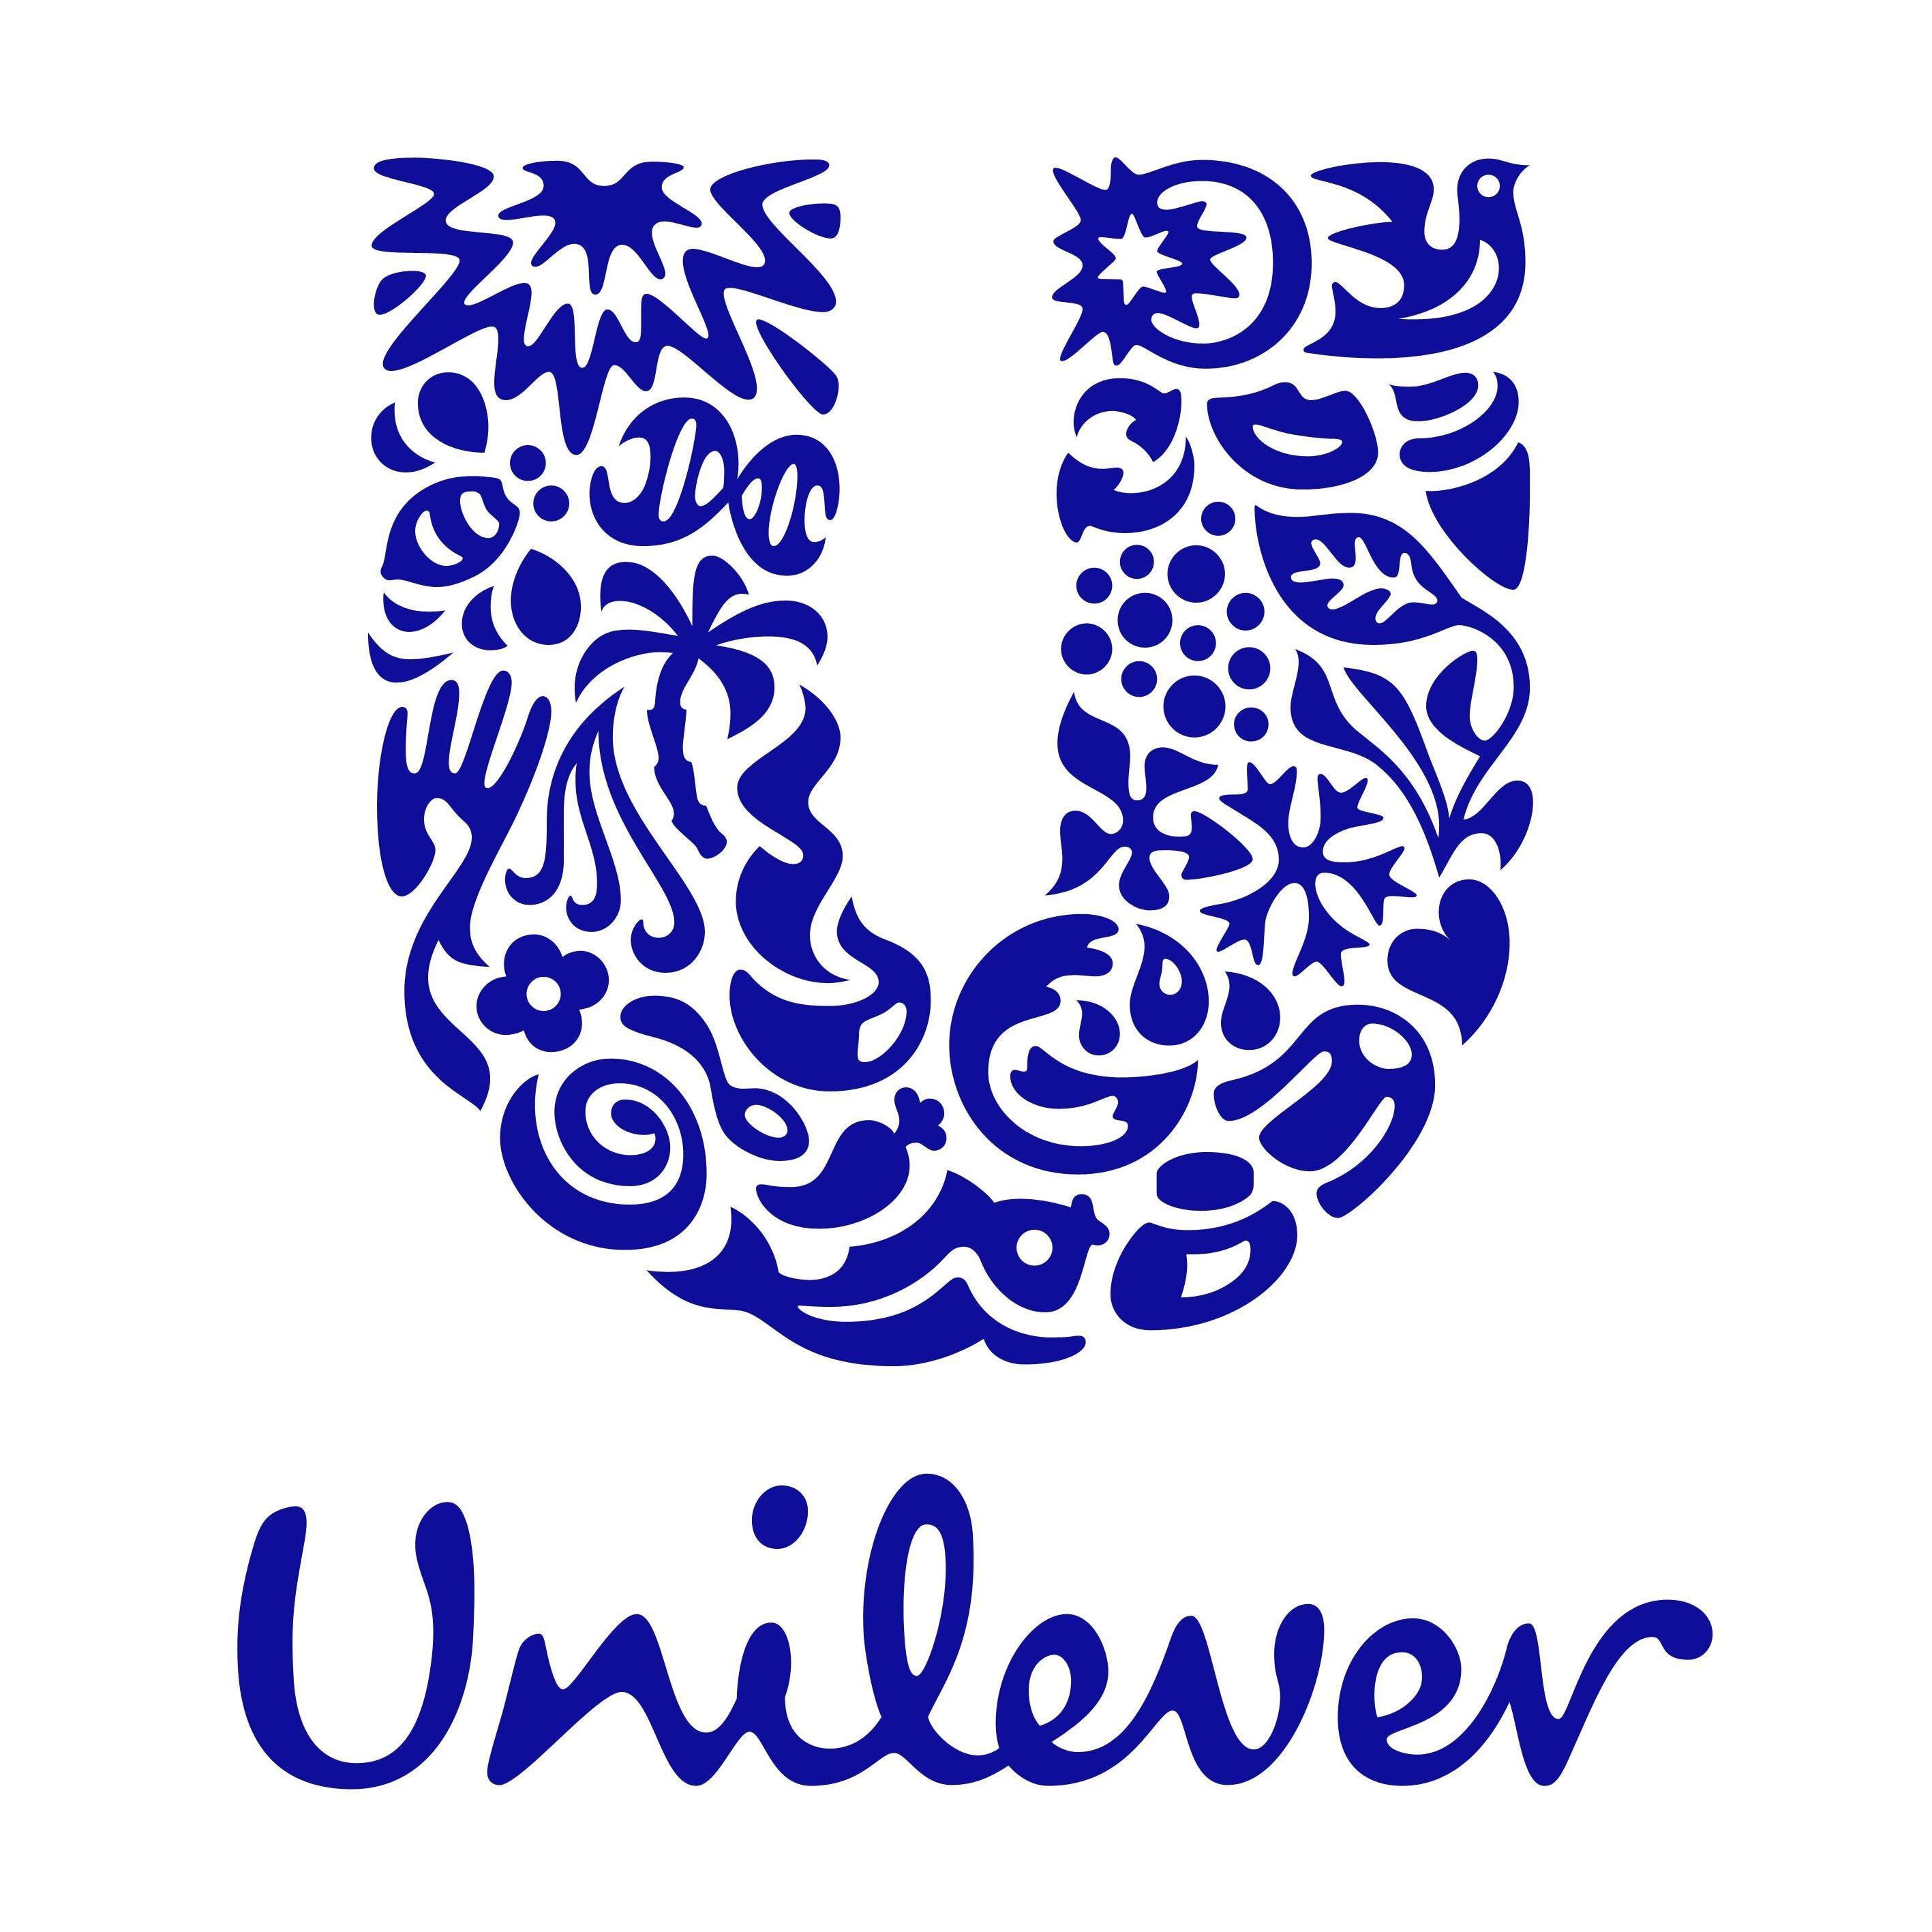 unilever logo - Google zoeken